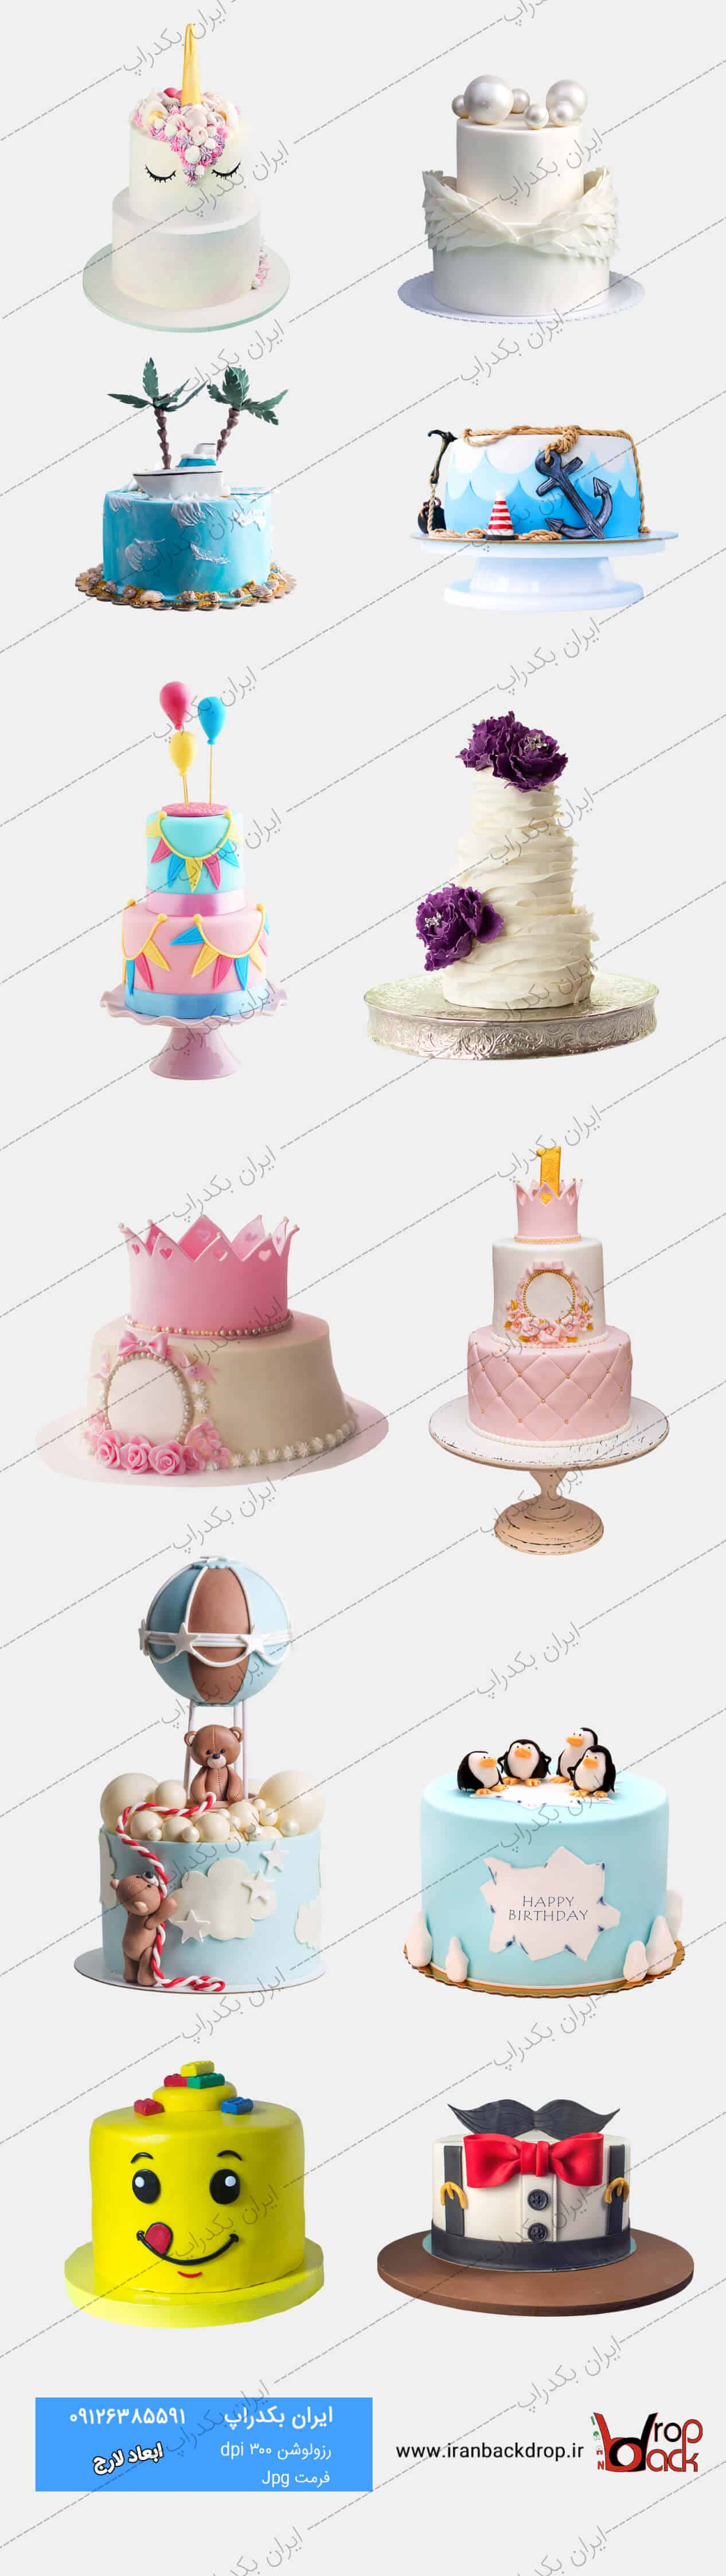 کیک دور بری شده